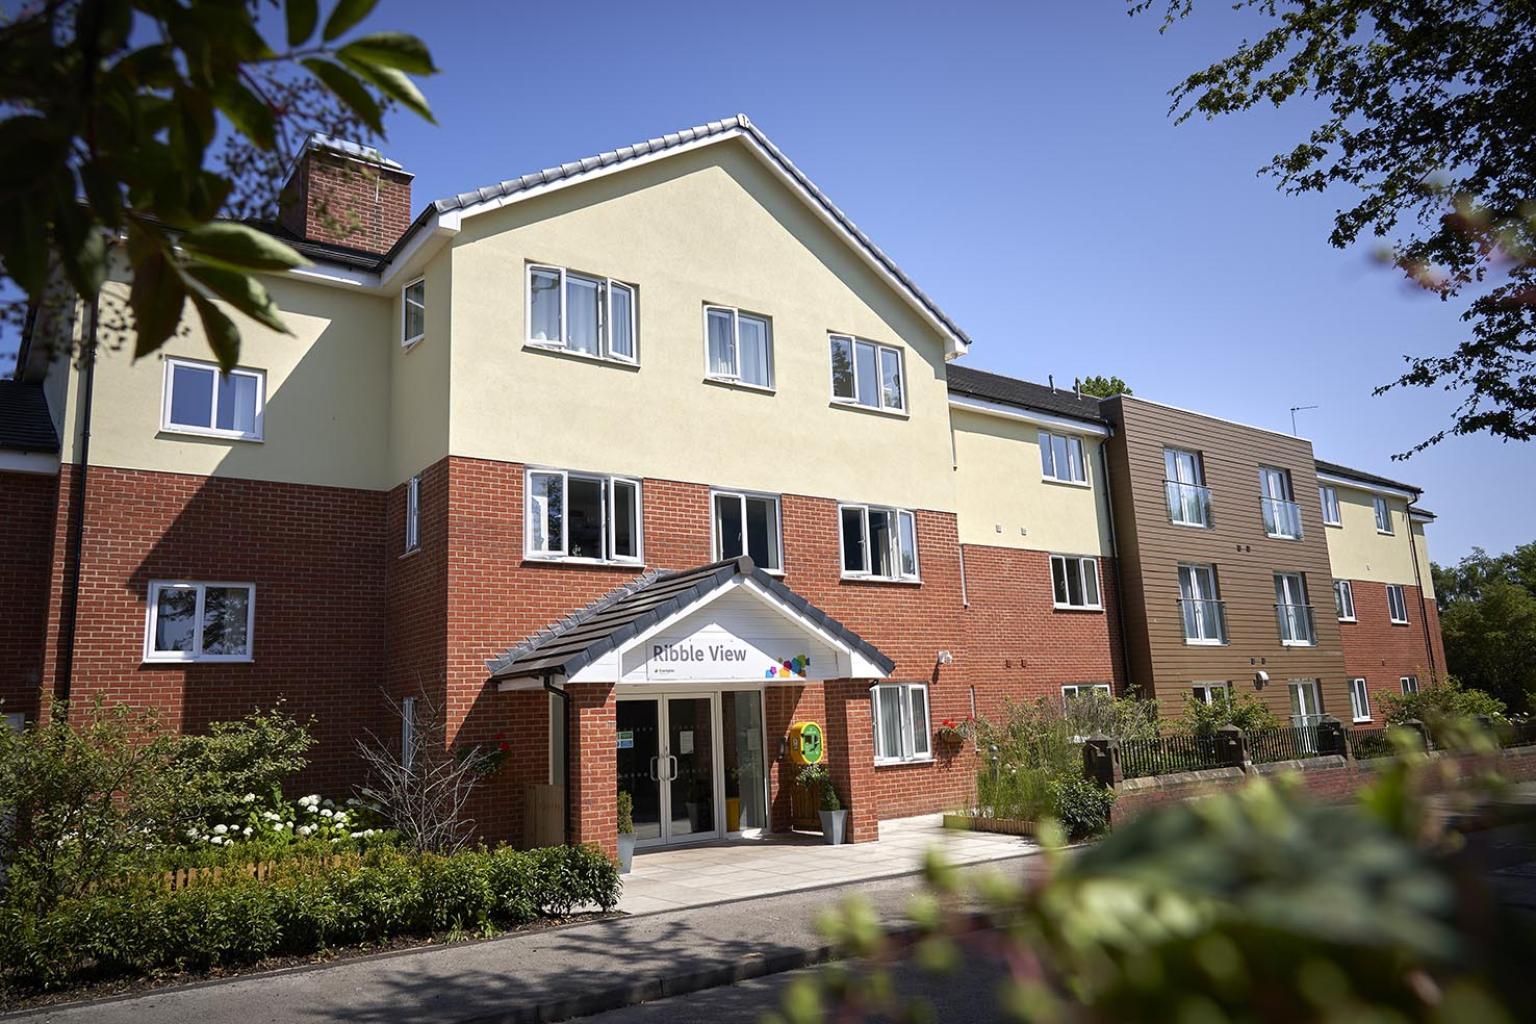 Ribble View care home in Preston